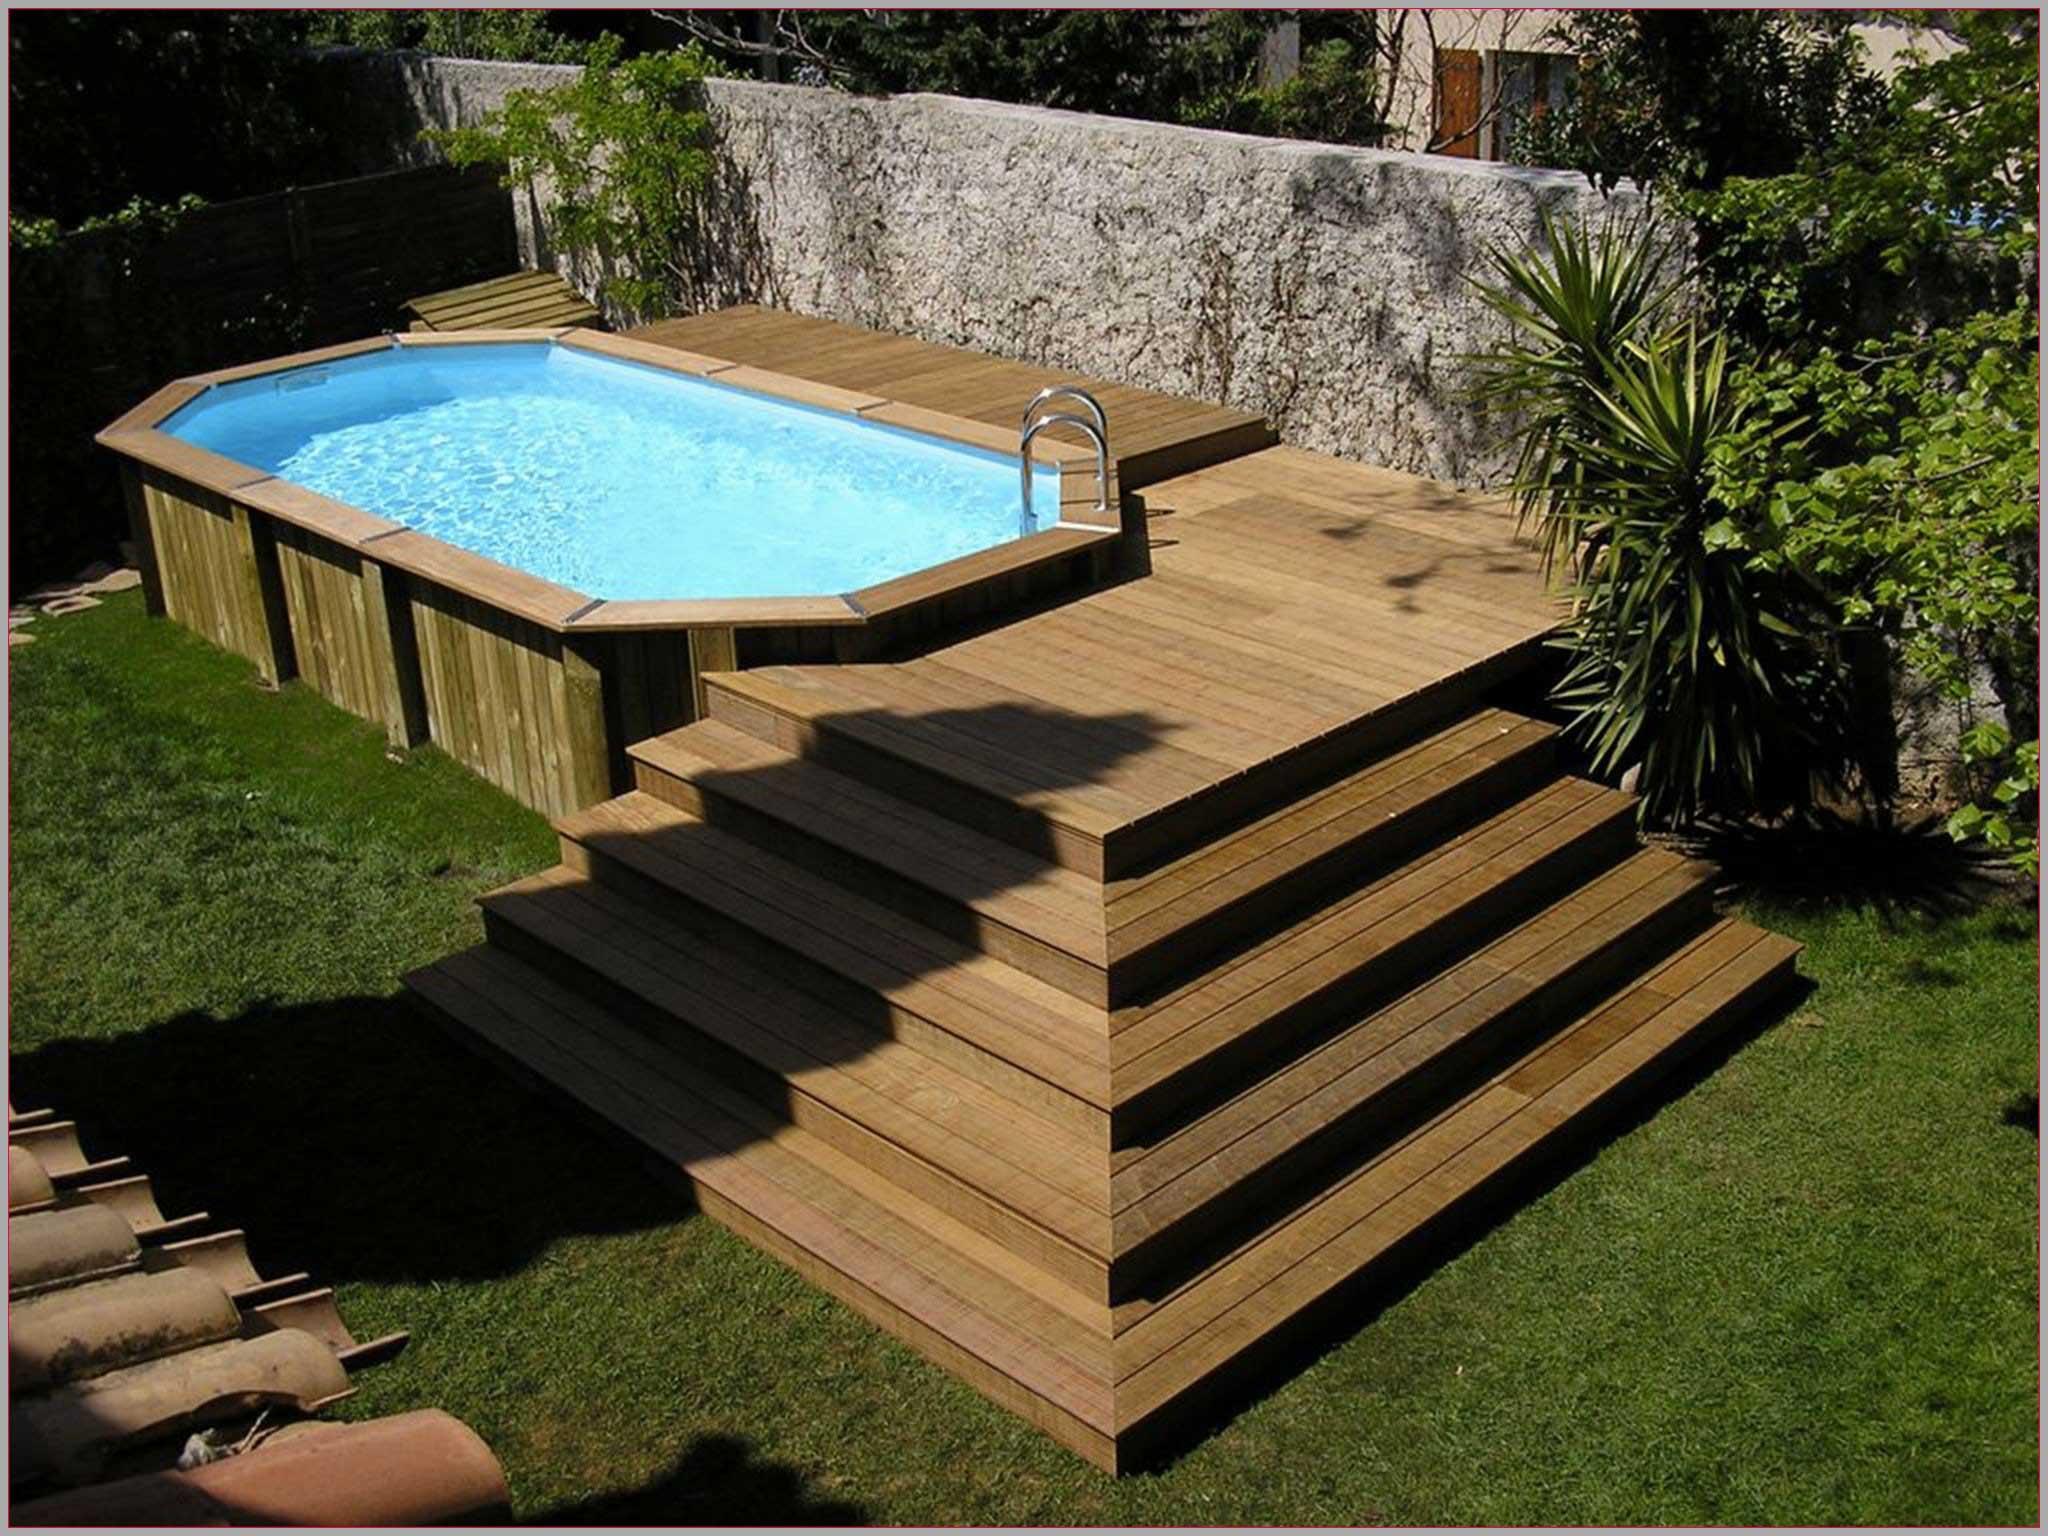 Piscine Tubulaire Terrasse Bois les piscines hors sol » vacances - arts- guides voyages